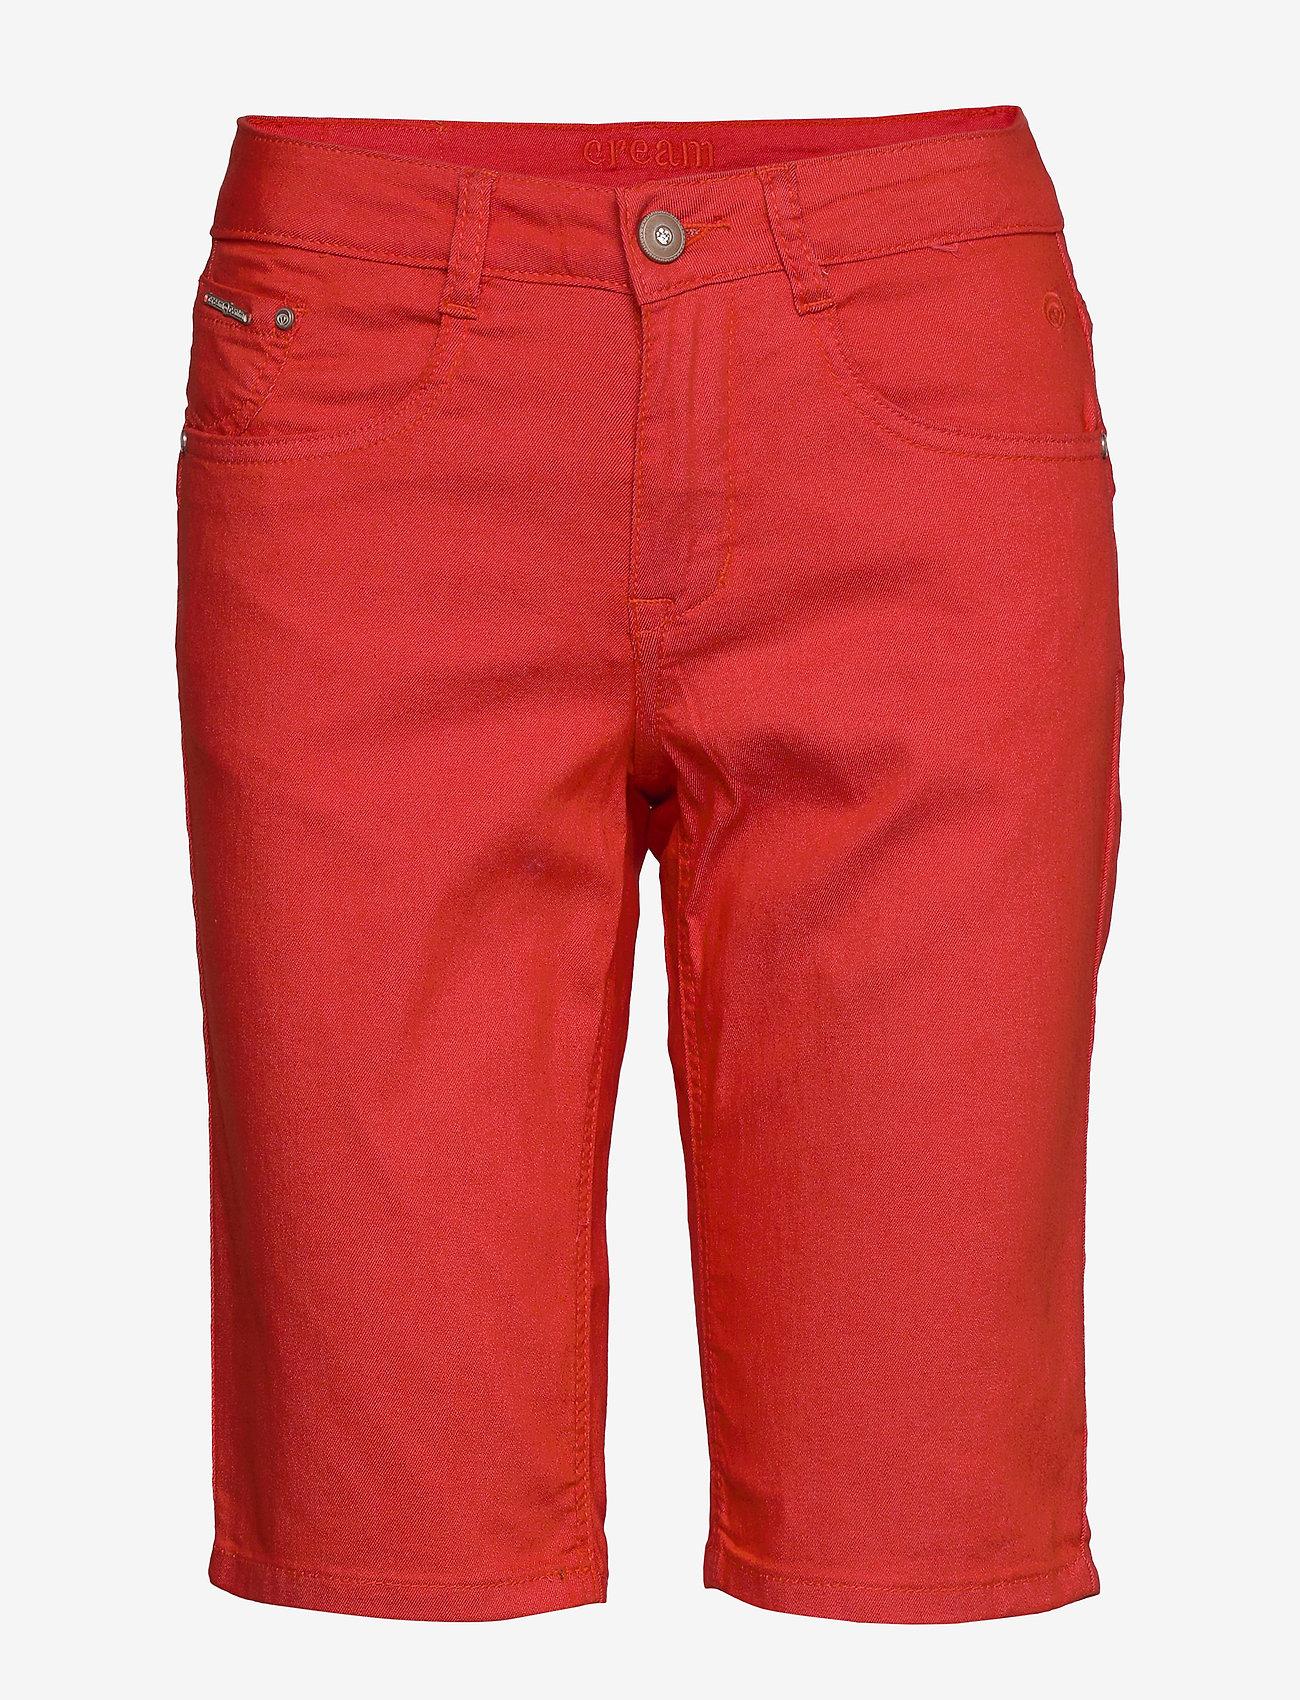 Cream - VavaCR Shorts - Coco Fit - bermudas - aurora red - 0